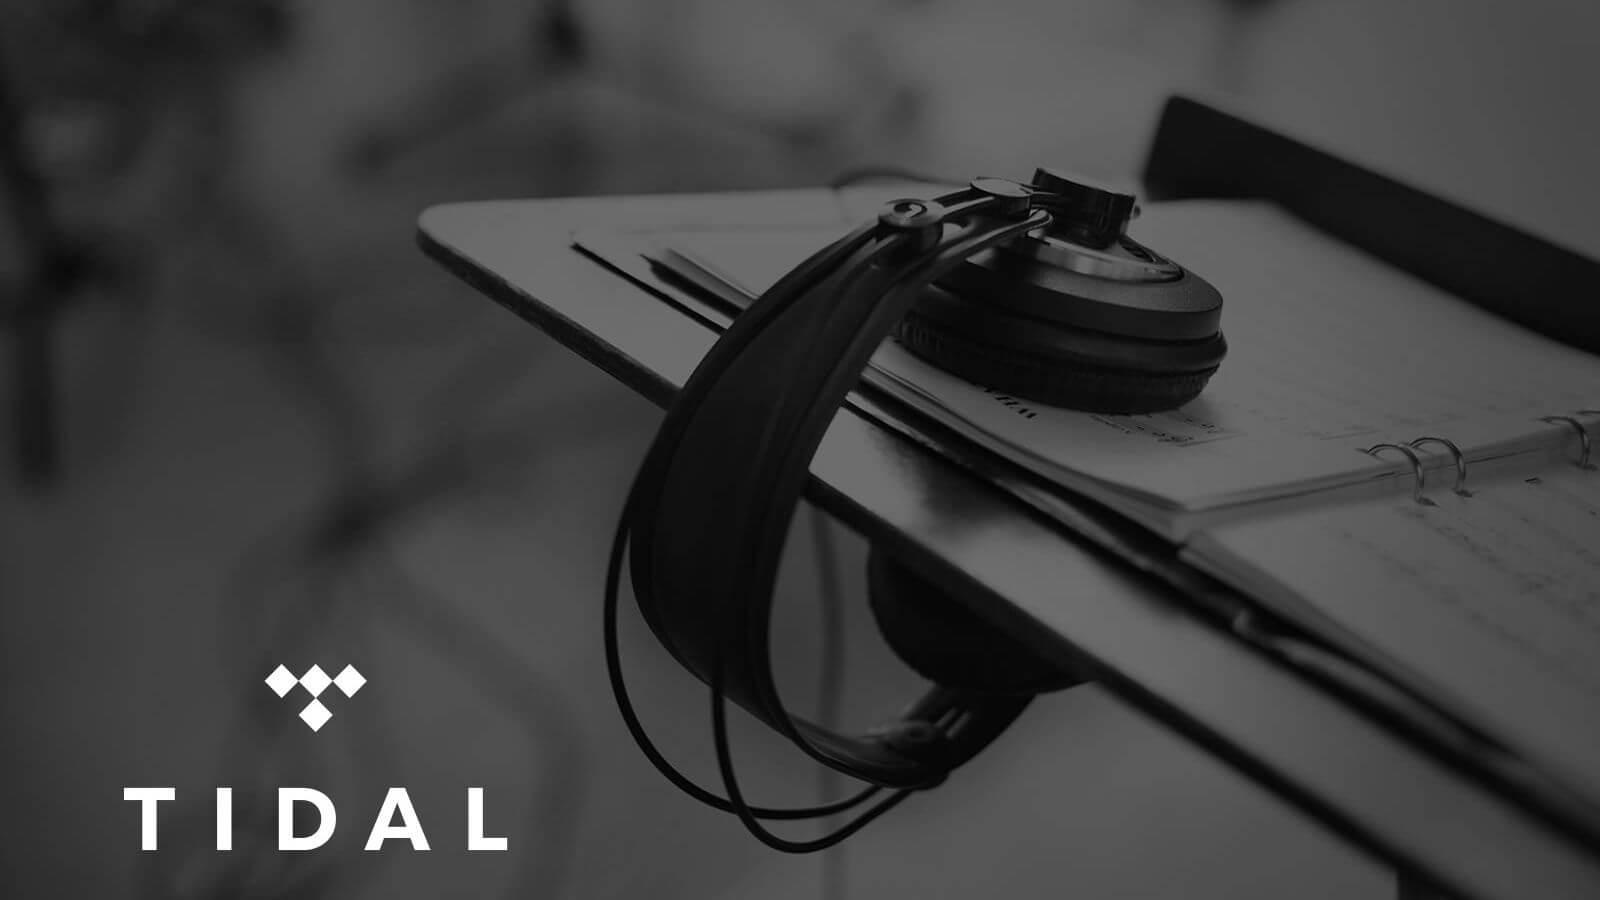 smt tidal capa - Música de alta qualidade: TIDAL é lançado no Brasil